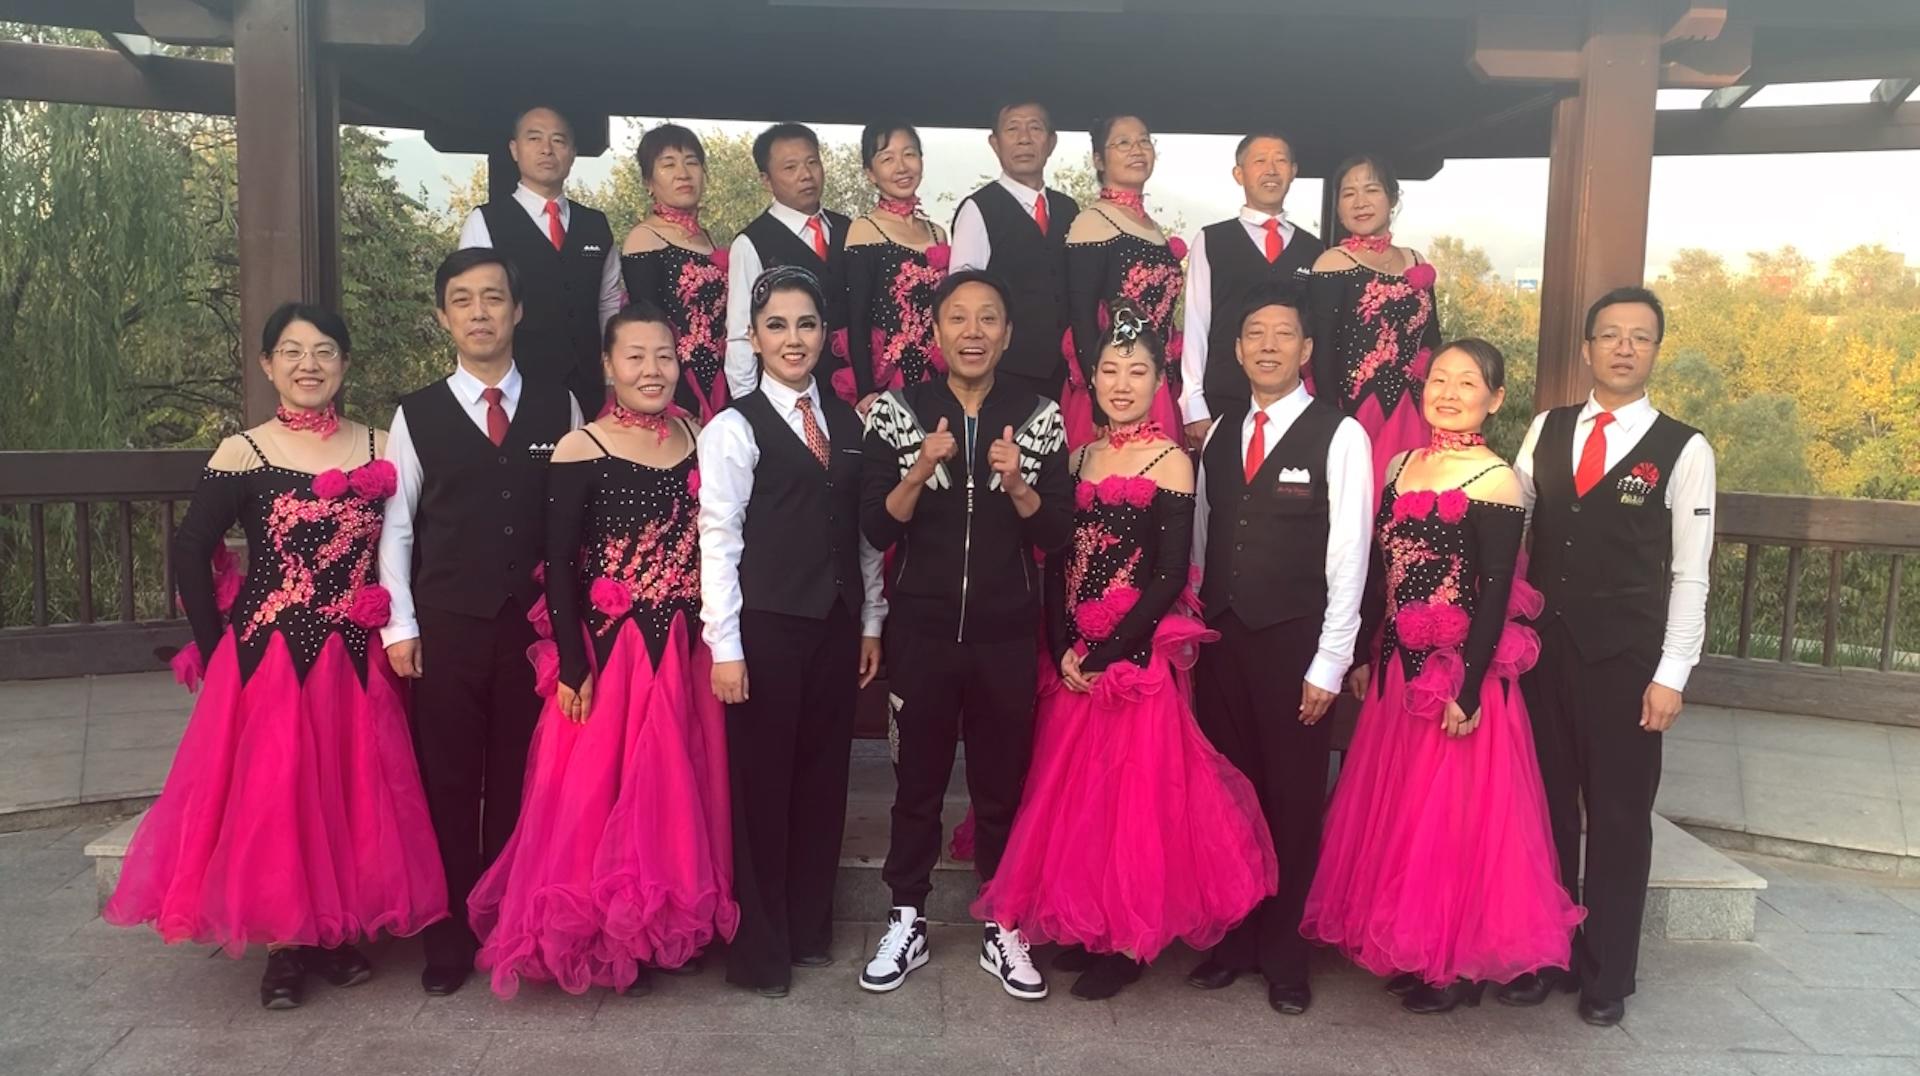 杨艺推荐北京石景山区众人行交谊舞培训中心表演伦巴《罐舞》